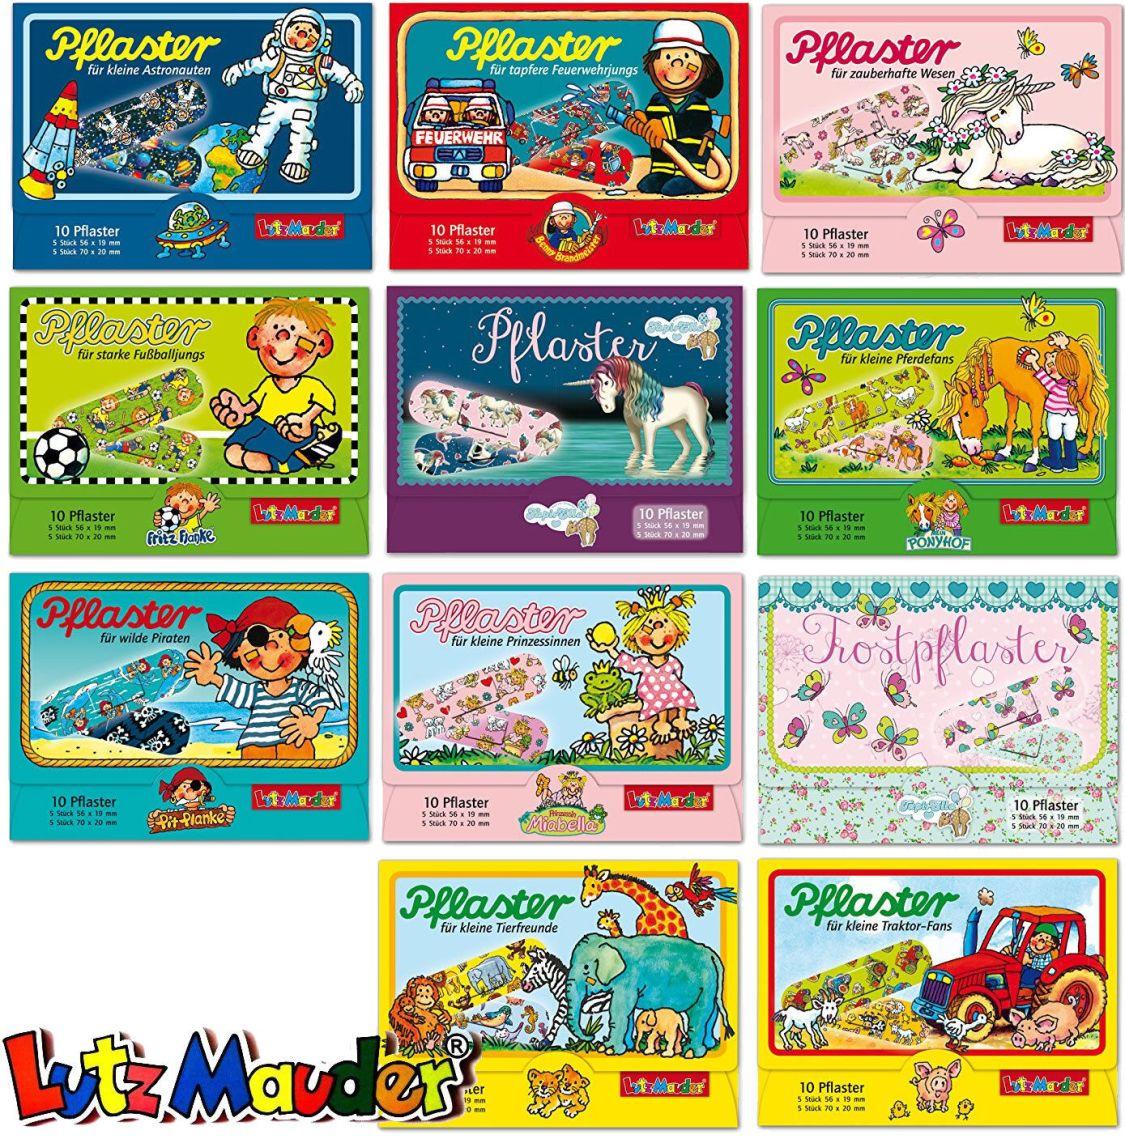 10 Kinderpflaster, Pflasterbriefchen, Pflaster von Lutz Mauder, Mitgebsel